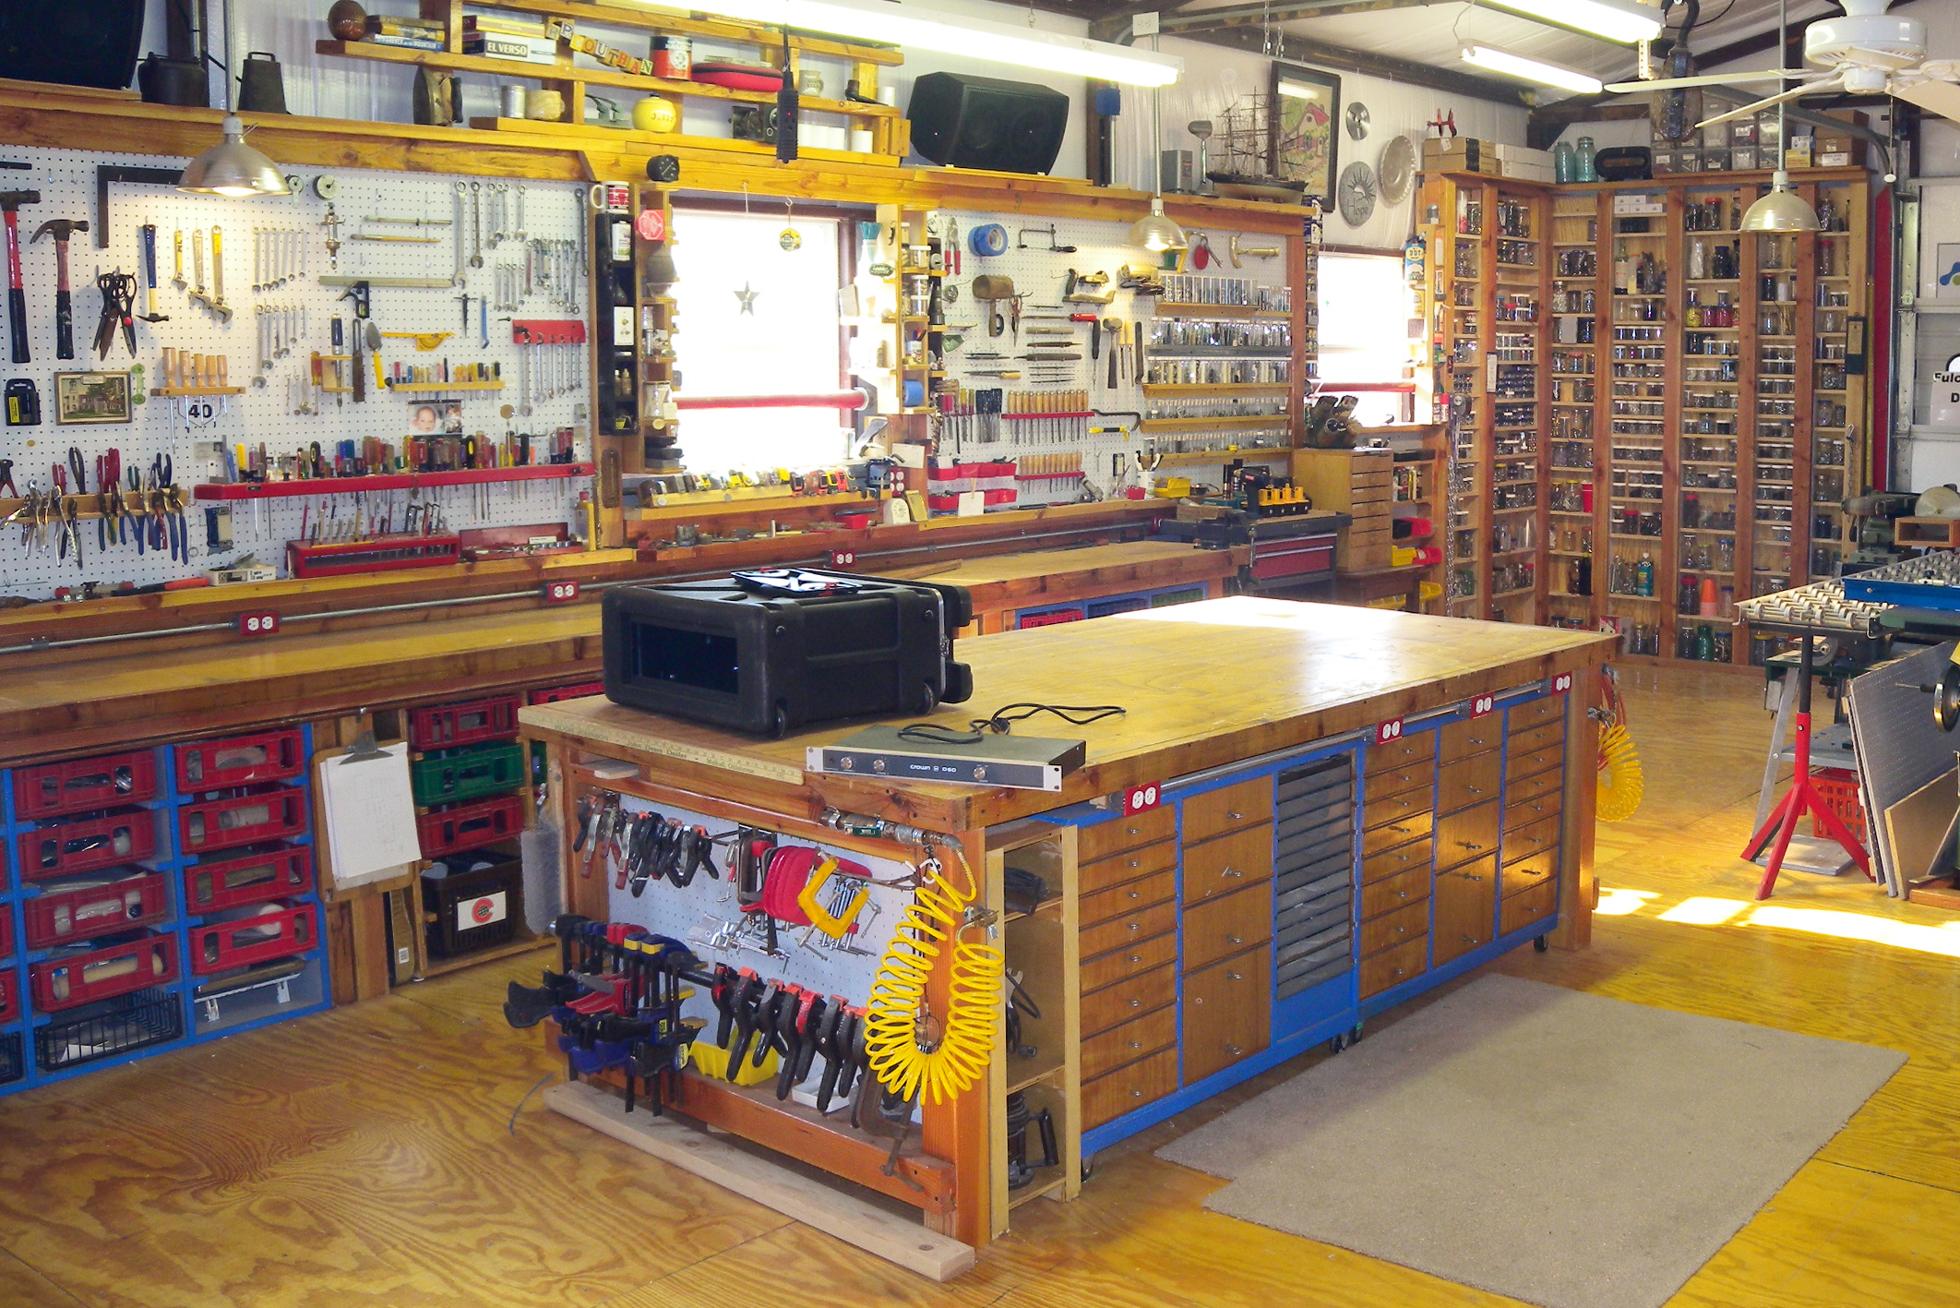 Garage Organization & Storage Ideas   Cool Garage Ideas on Organized Garage  id=25253